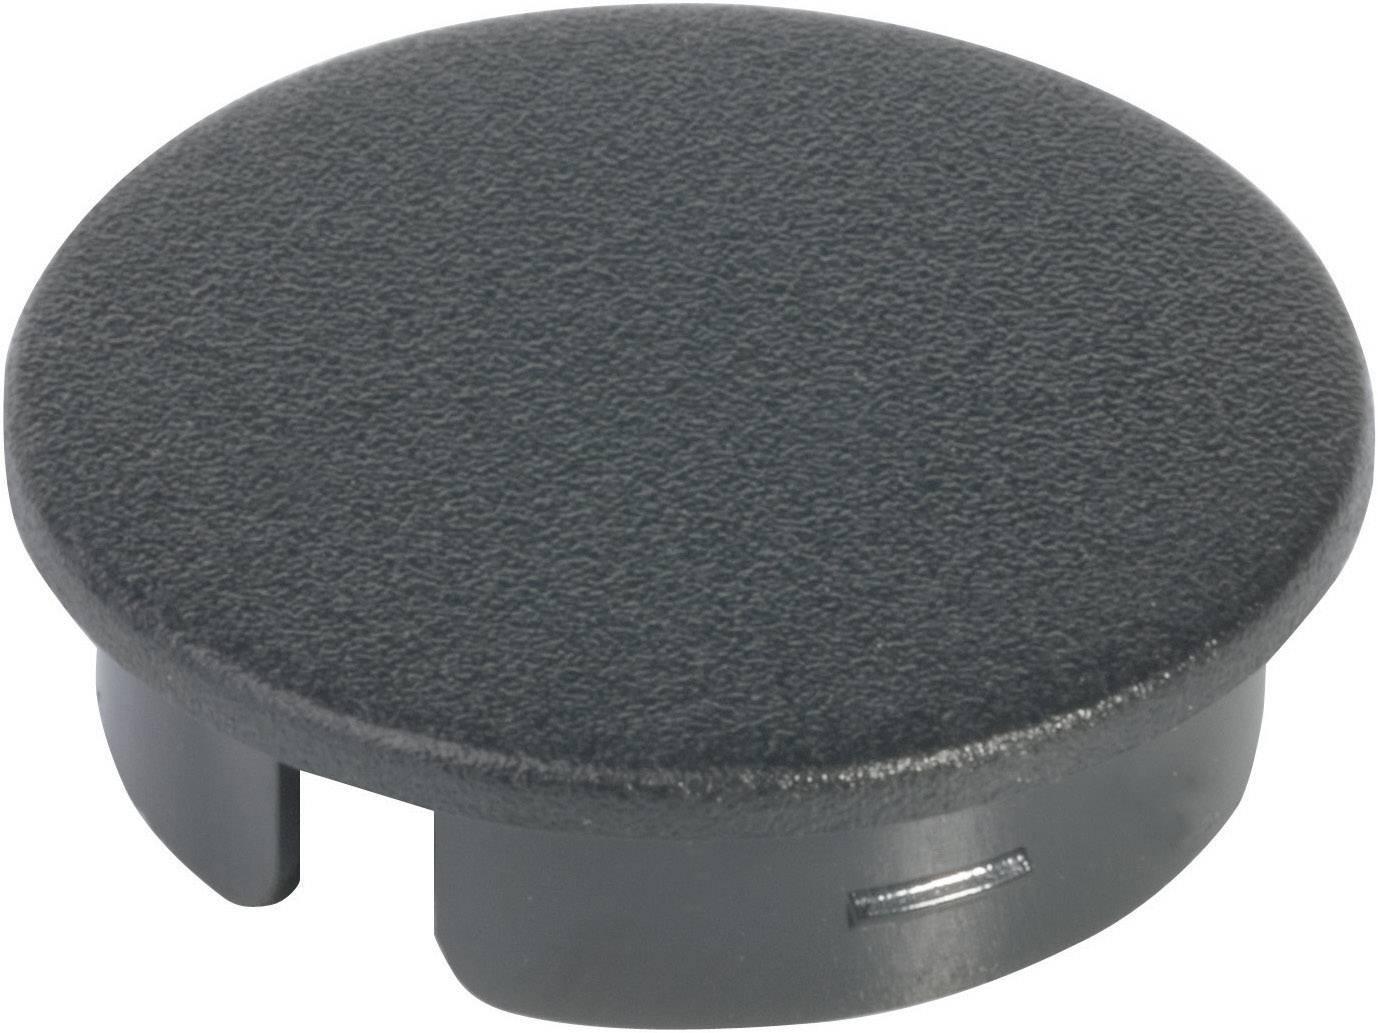 Krytka na otočný knoflík bez ukazatele OKW, pro knoflíky/O 40 mm, černá